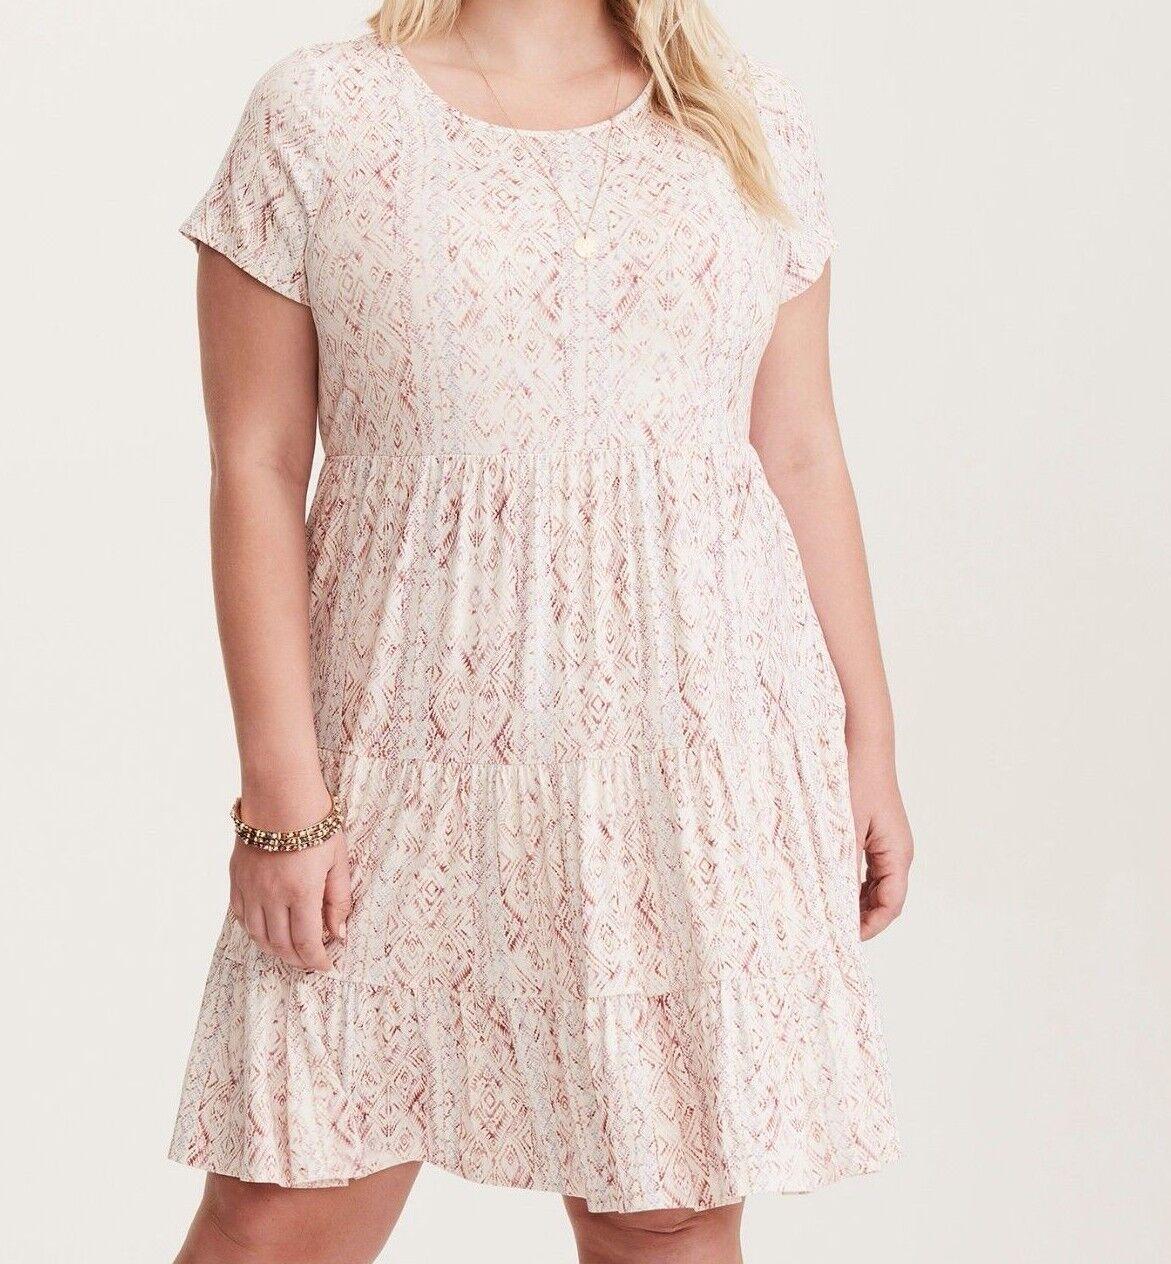 Torrid Multi-Farbe Ikat Print Jersey Babydoll Dress 2X